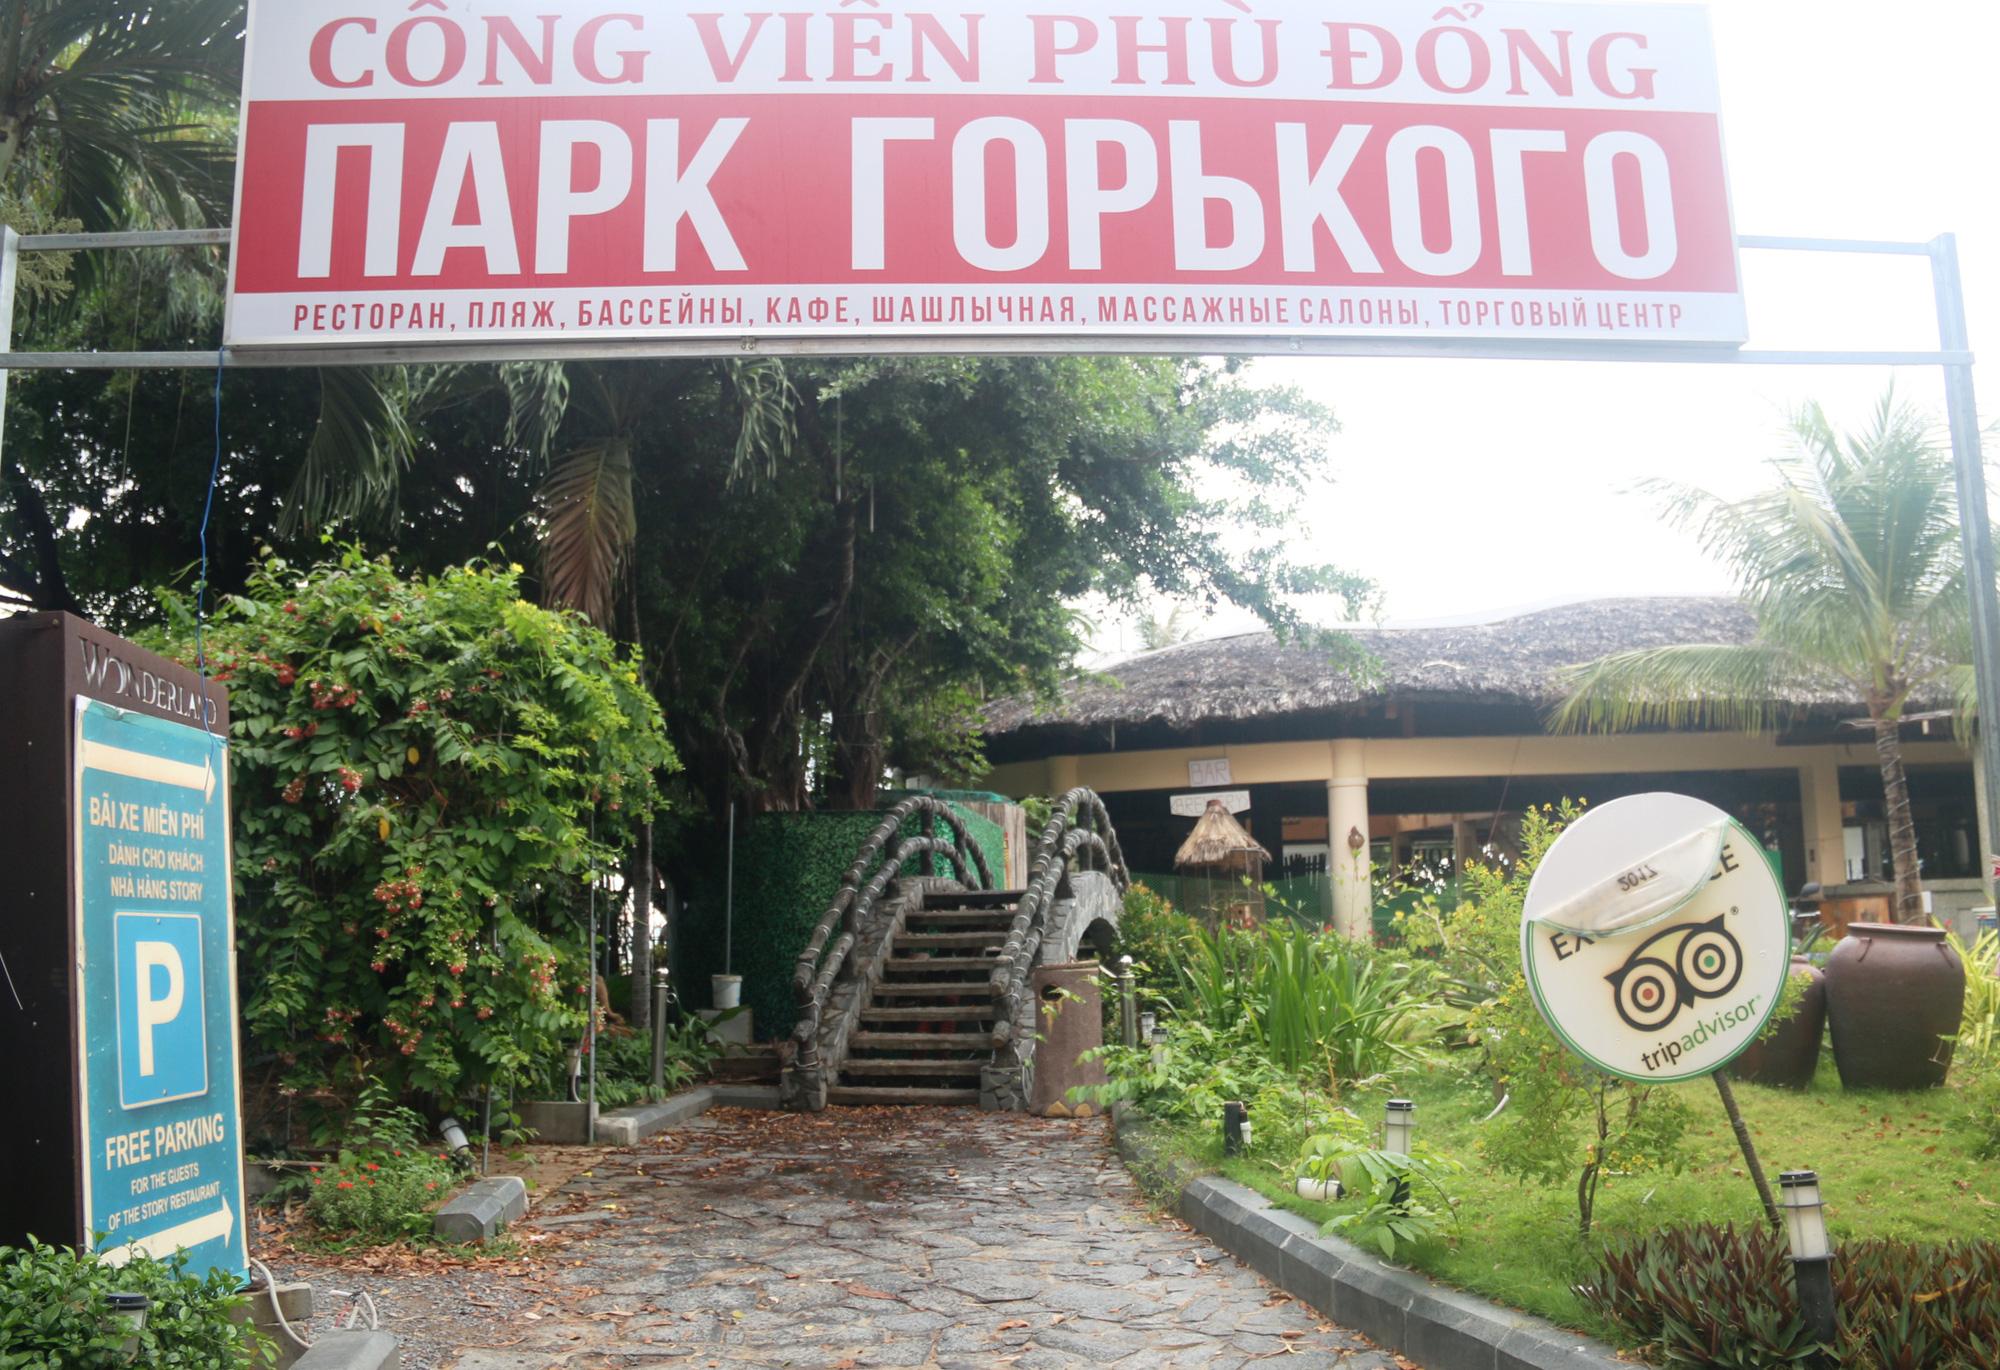 Thu hồi hơn 21.000 m2 dự án Công viên Phù Đổng ở Nha Trang - Ảnh 1.